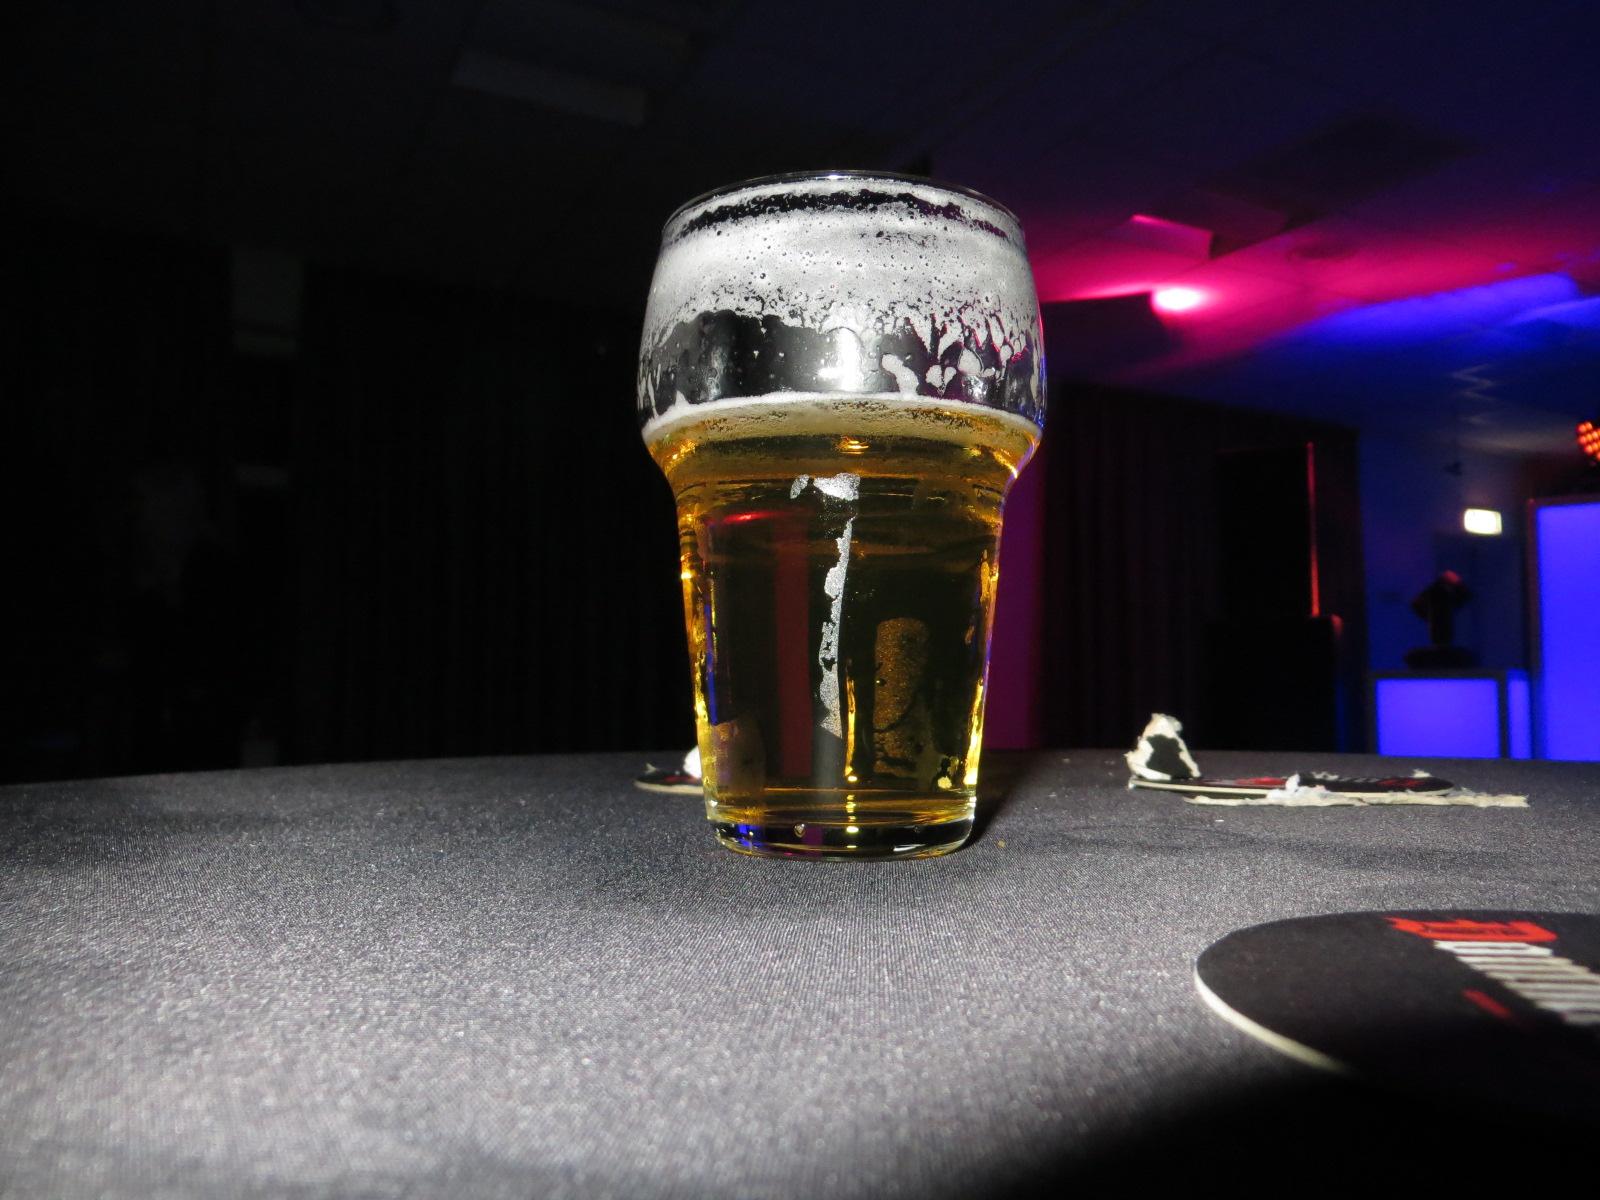 Biertje tijdens Old & Nij feest in Dorpshuis Tonegido